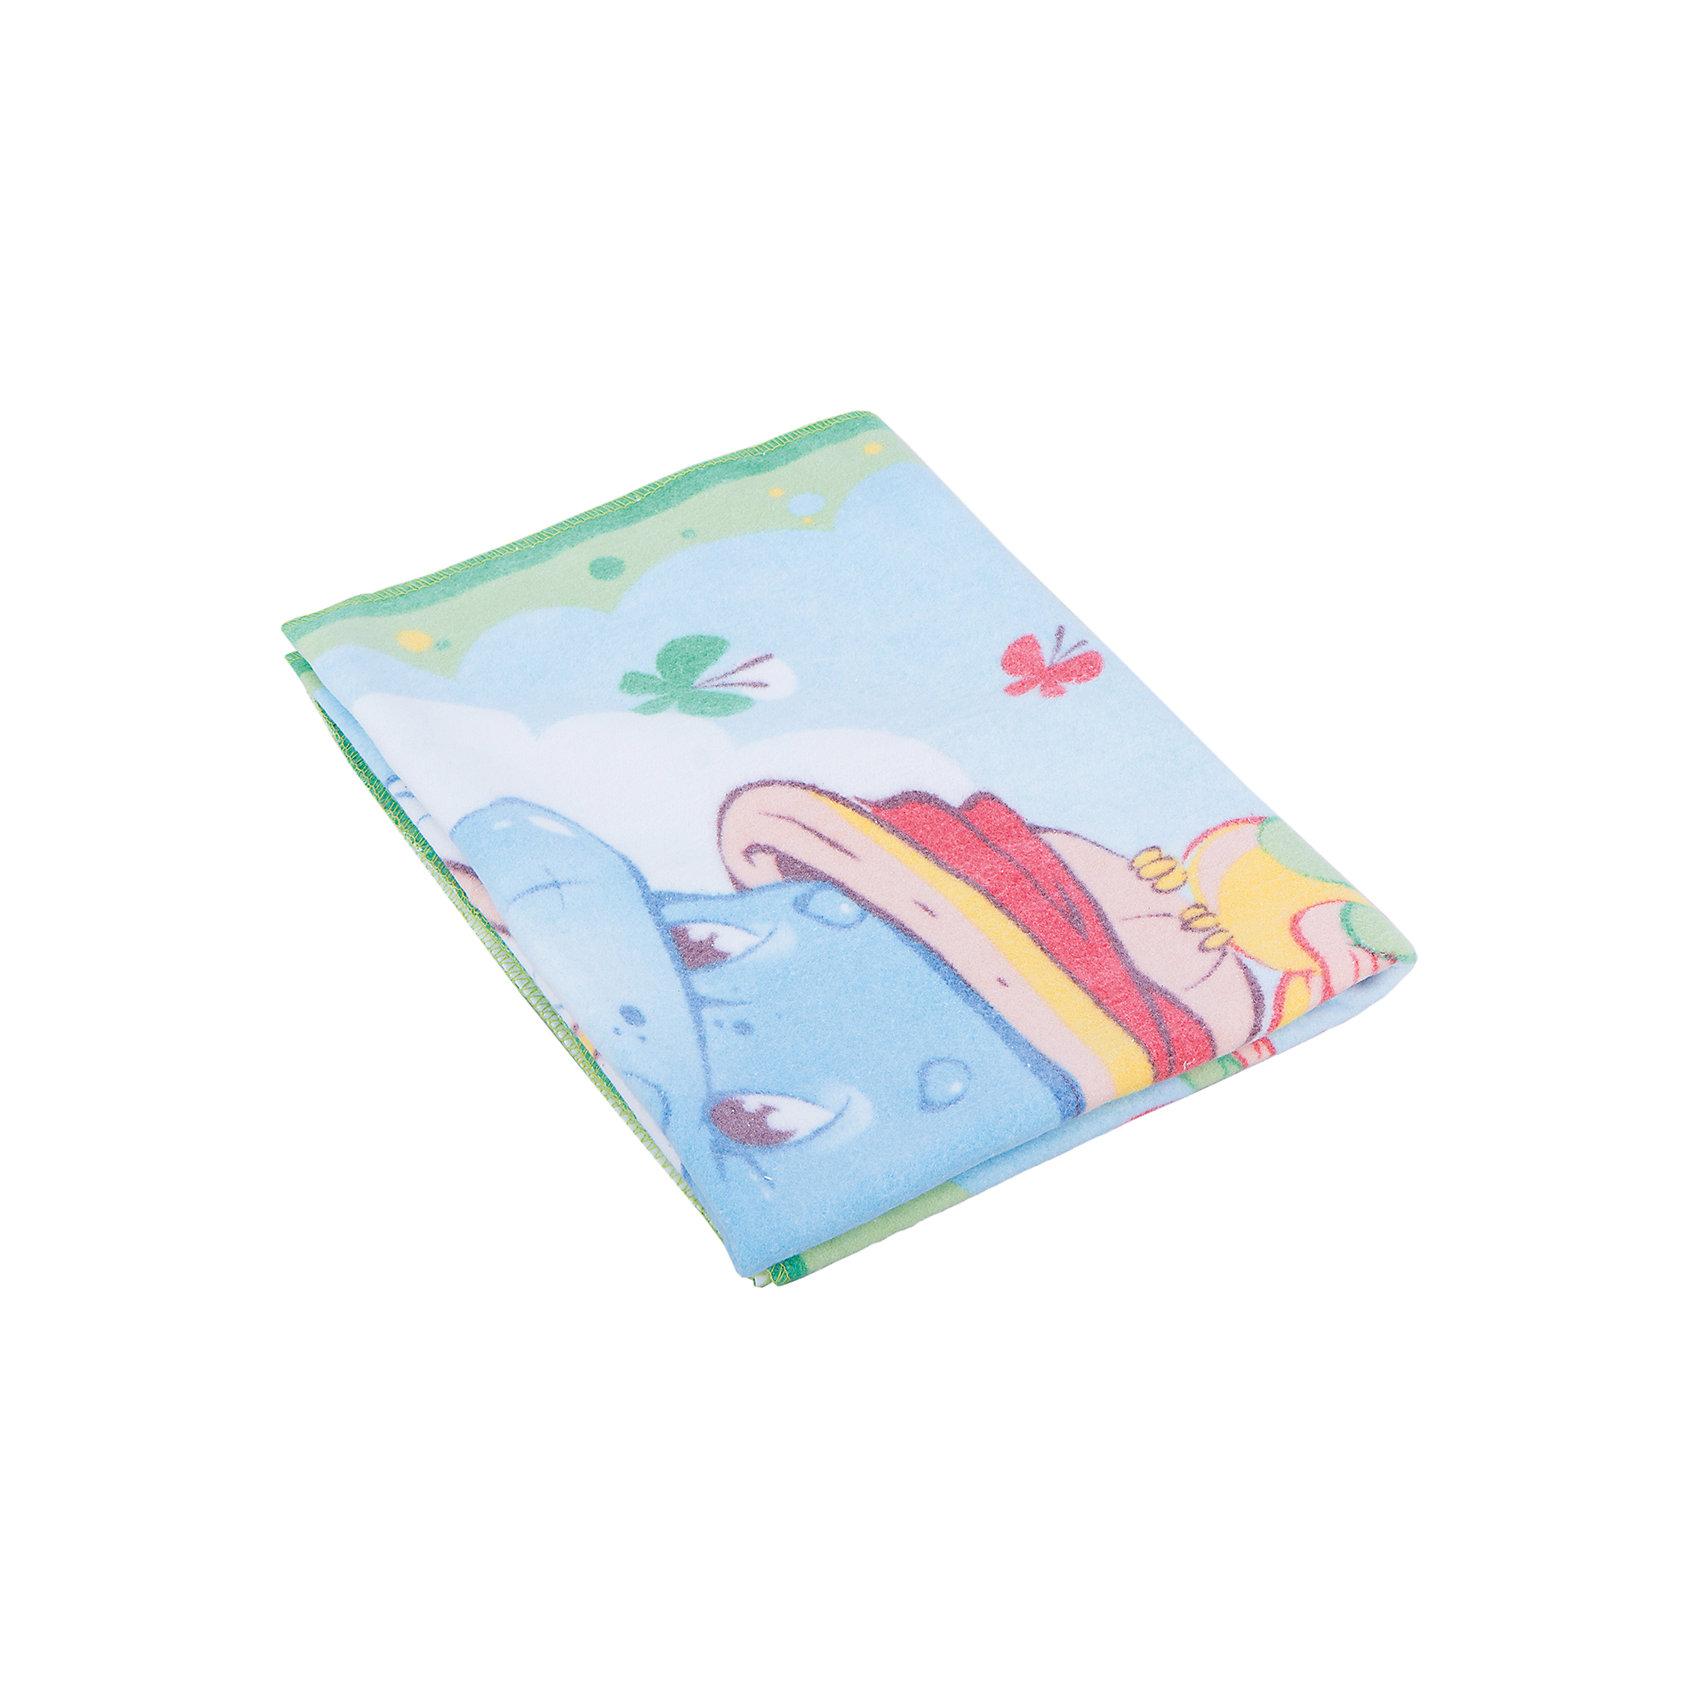 Одеяло байковое Бегемот и Попугай, 100х140, Baby Nice, зелёныйОдеяла, пледы<br>Мягкое байковое одеяло Бегемот и попугай подарит малышам крепкий, комфортный и здоровый сон. Одеяло выполнено из натурального хлопка, прекрасно пропускает воздух, сохраняя при этом тепло, что обеспечивает поддержание комфортного микроклимата как дома, так и на прогулке. Абсолютно гипоаллергенное, идеально подходит для новорожденных детей. <br><br>Дополнительная информация:<br><br>- Материал: хлопок 100%.<br>- Размер: 100х140 см. <br>- Отделка: оверлок.<br>- Цвет: зеленый.<br>- Декоративные элементы: принт (бегемот и попугай).<br>- Внутренняя сторона - однотонная. <br>- Стирка: машинная при 40 ?. <br><br>Одеяло байковое Бегемот и Попугай, 100х140, Baby Nice (Беби Найс), зеленое, можно купить в нашем магазине.<br><br>Ширина мм: 40<br>Глубина мм: 5<br>Высота мм: 30<br>Вес г: 500<br>Возраст от месяцев: 0<br>Возраст до месяцев: 60<br>Пол: Унисекс<br>Возраст: Детский<br>SKU: 4058257